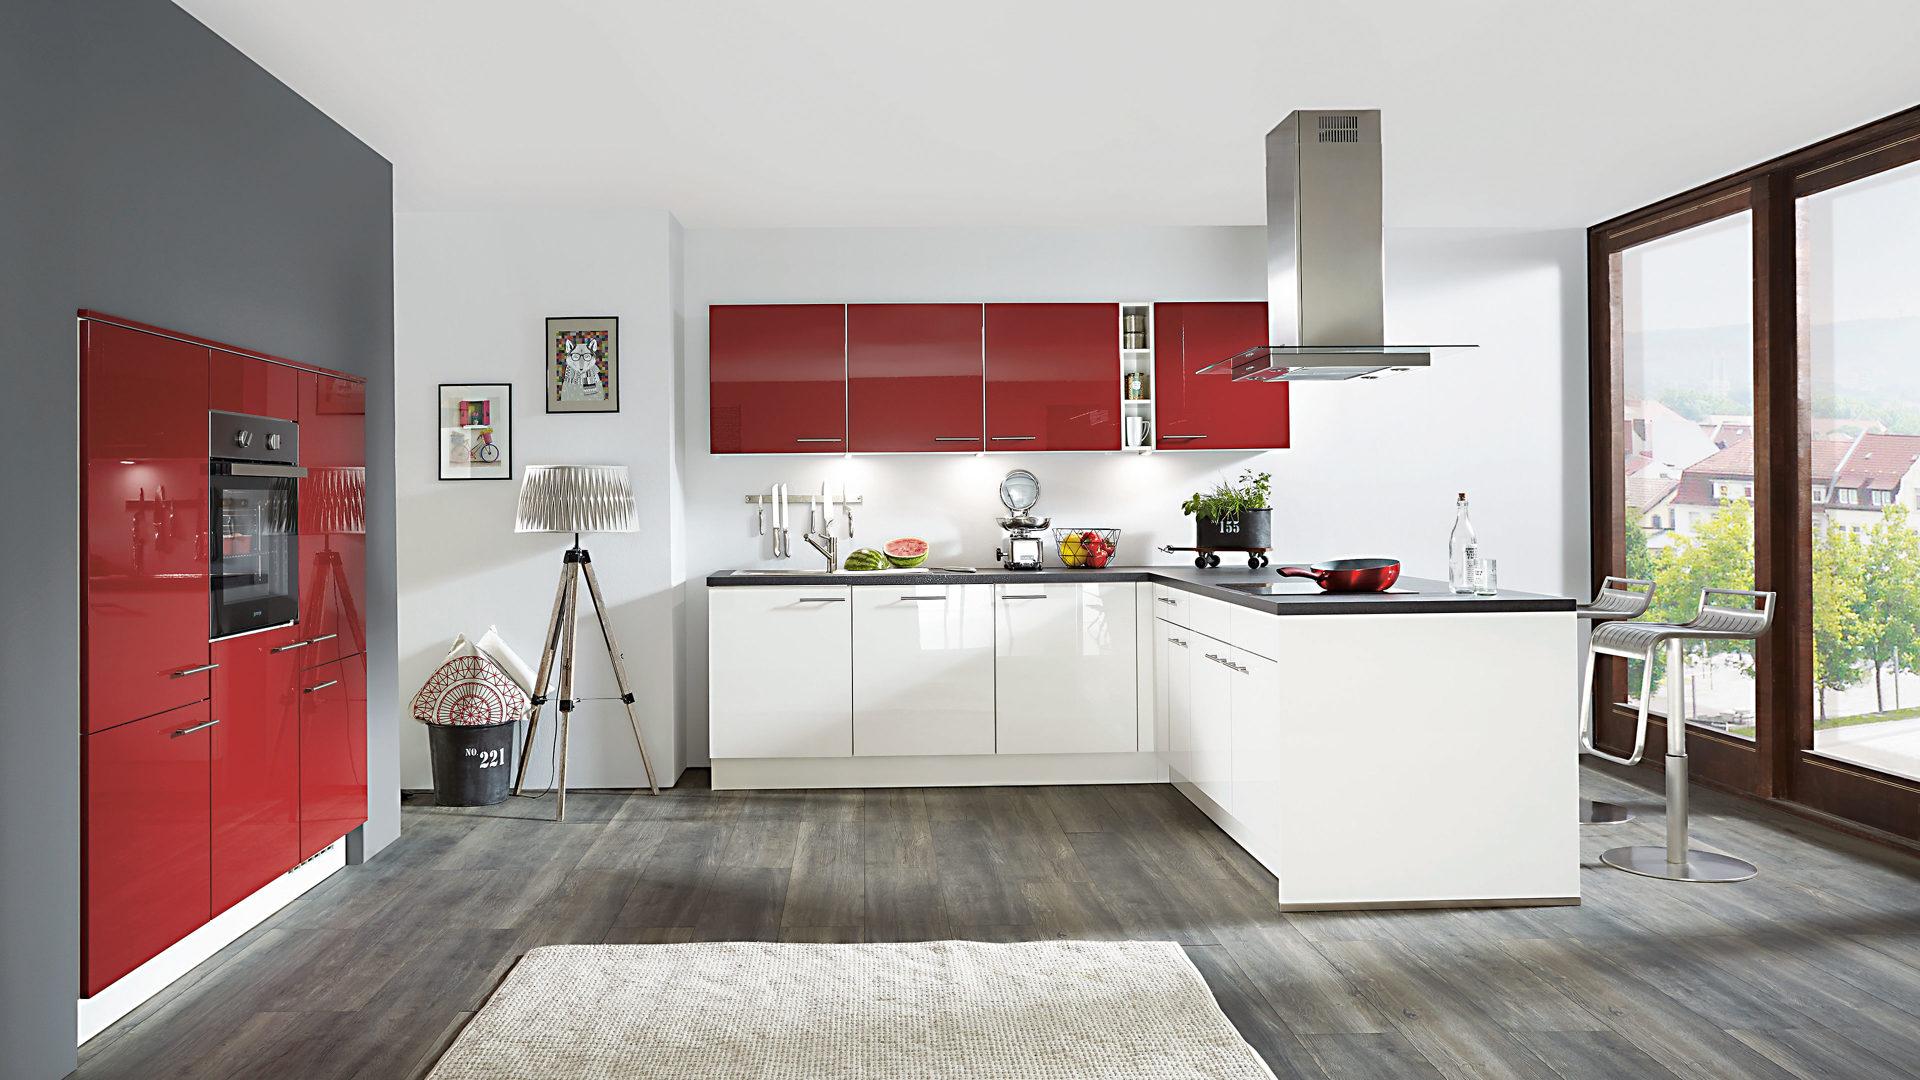 Möbel Bernskötter Mülheim | Räume | Küche | Alles für die Küche ...